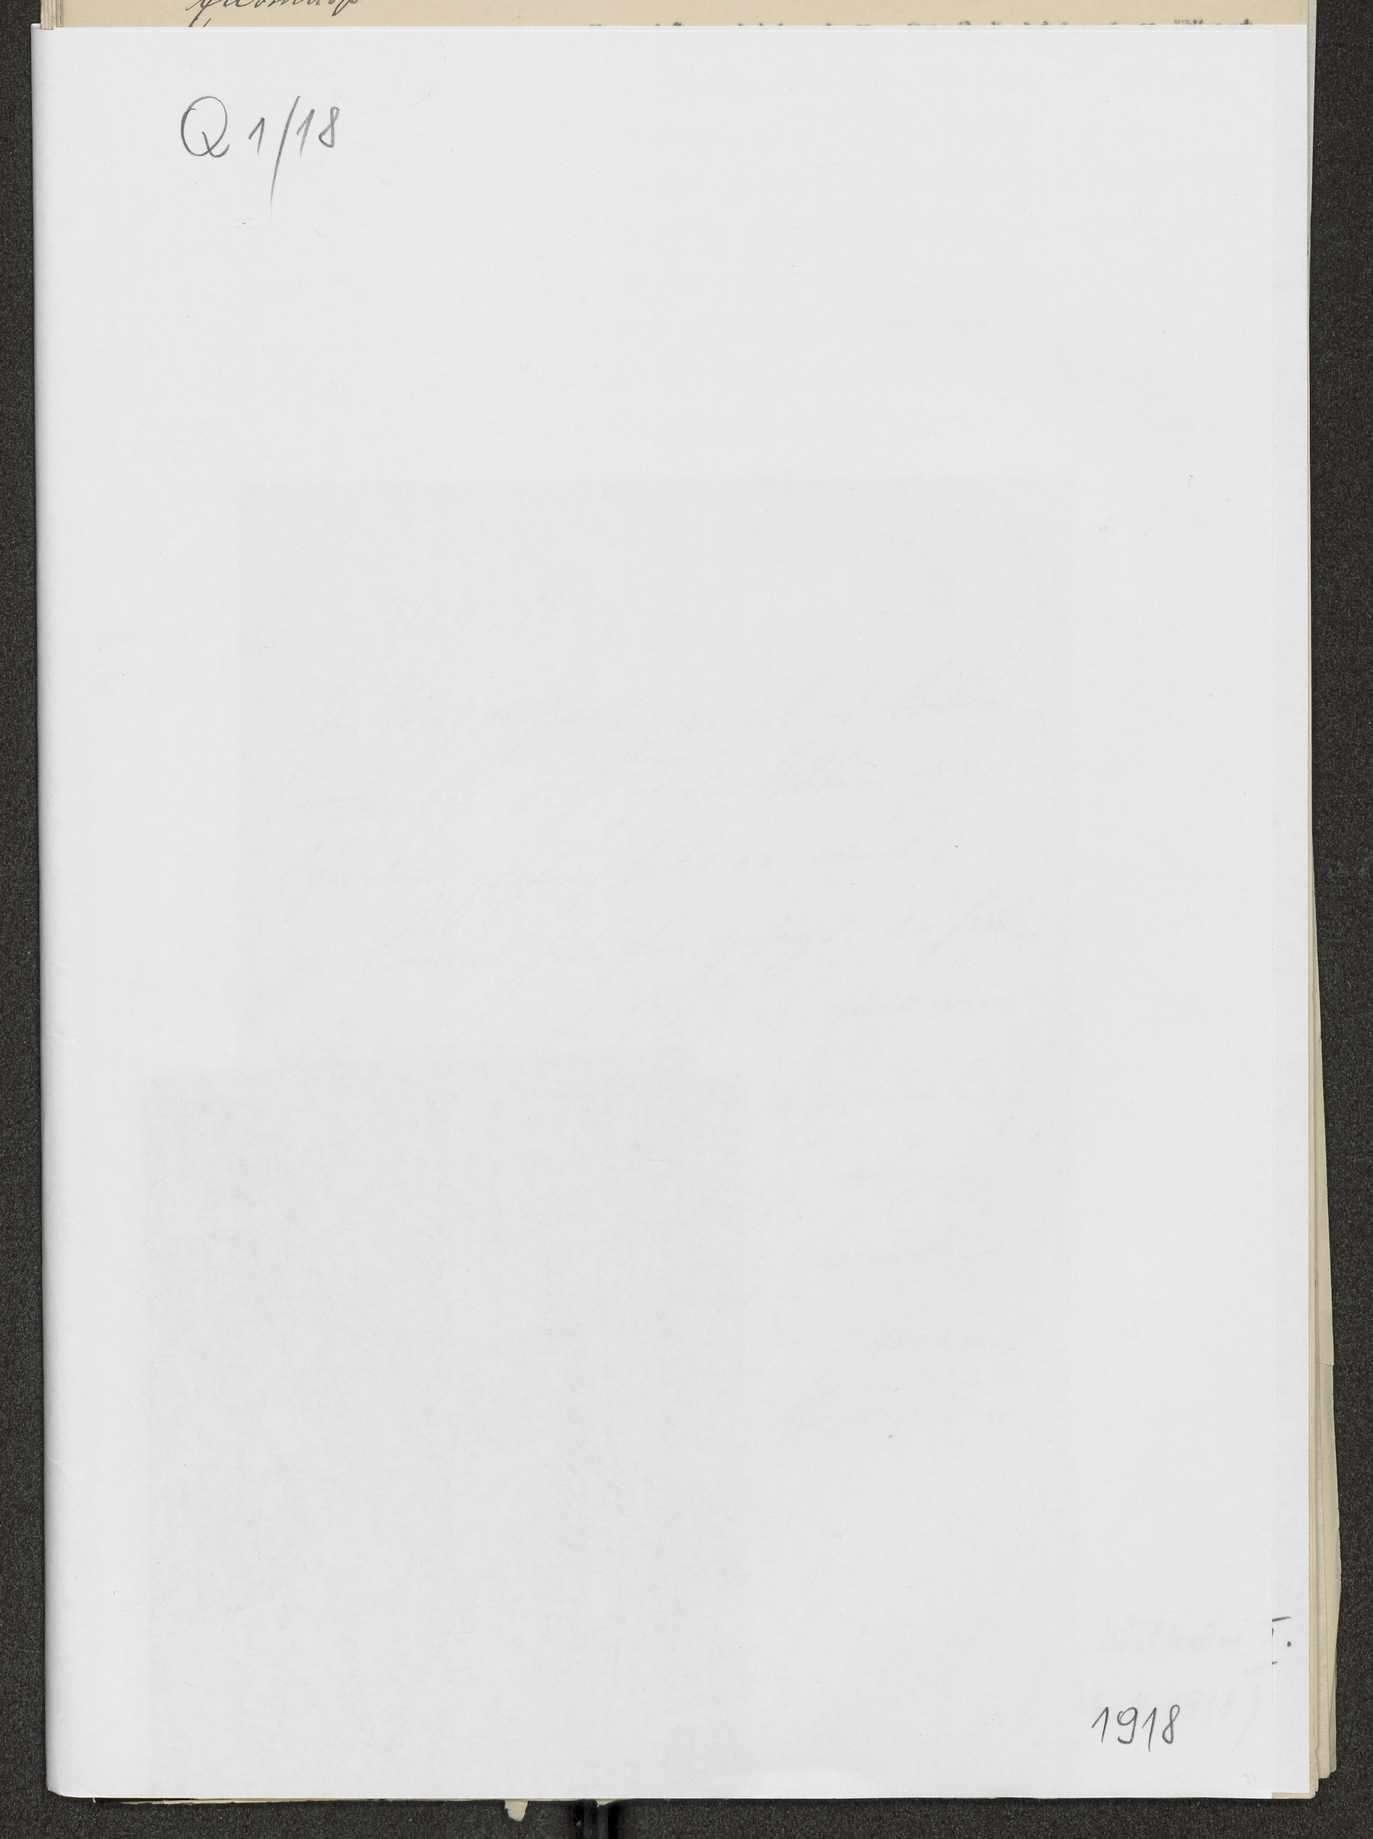 Die elsaß-lothringische Frage. Gutachten, Stellungnahmen, Schriftwechsel, Notizen, Zeitungsausschnitte, Bild 2